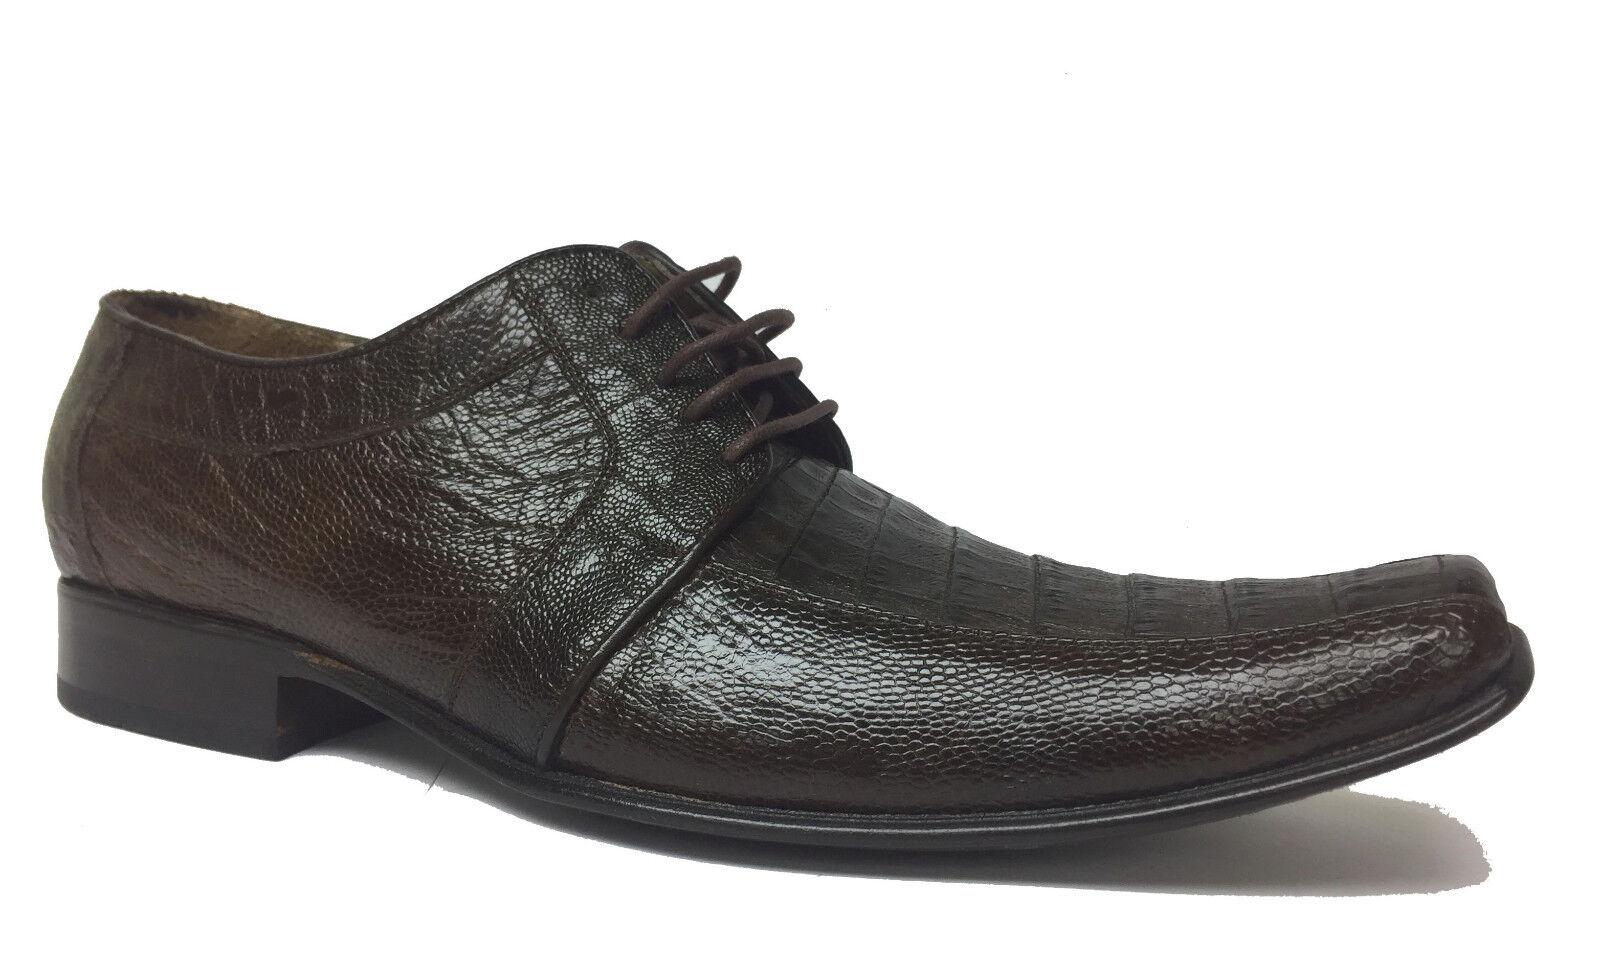 Para hombres Cuero Genuino Avestruz cocodrilo marrón suave del vientre vestido tamaño del zapato 9